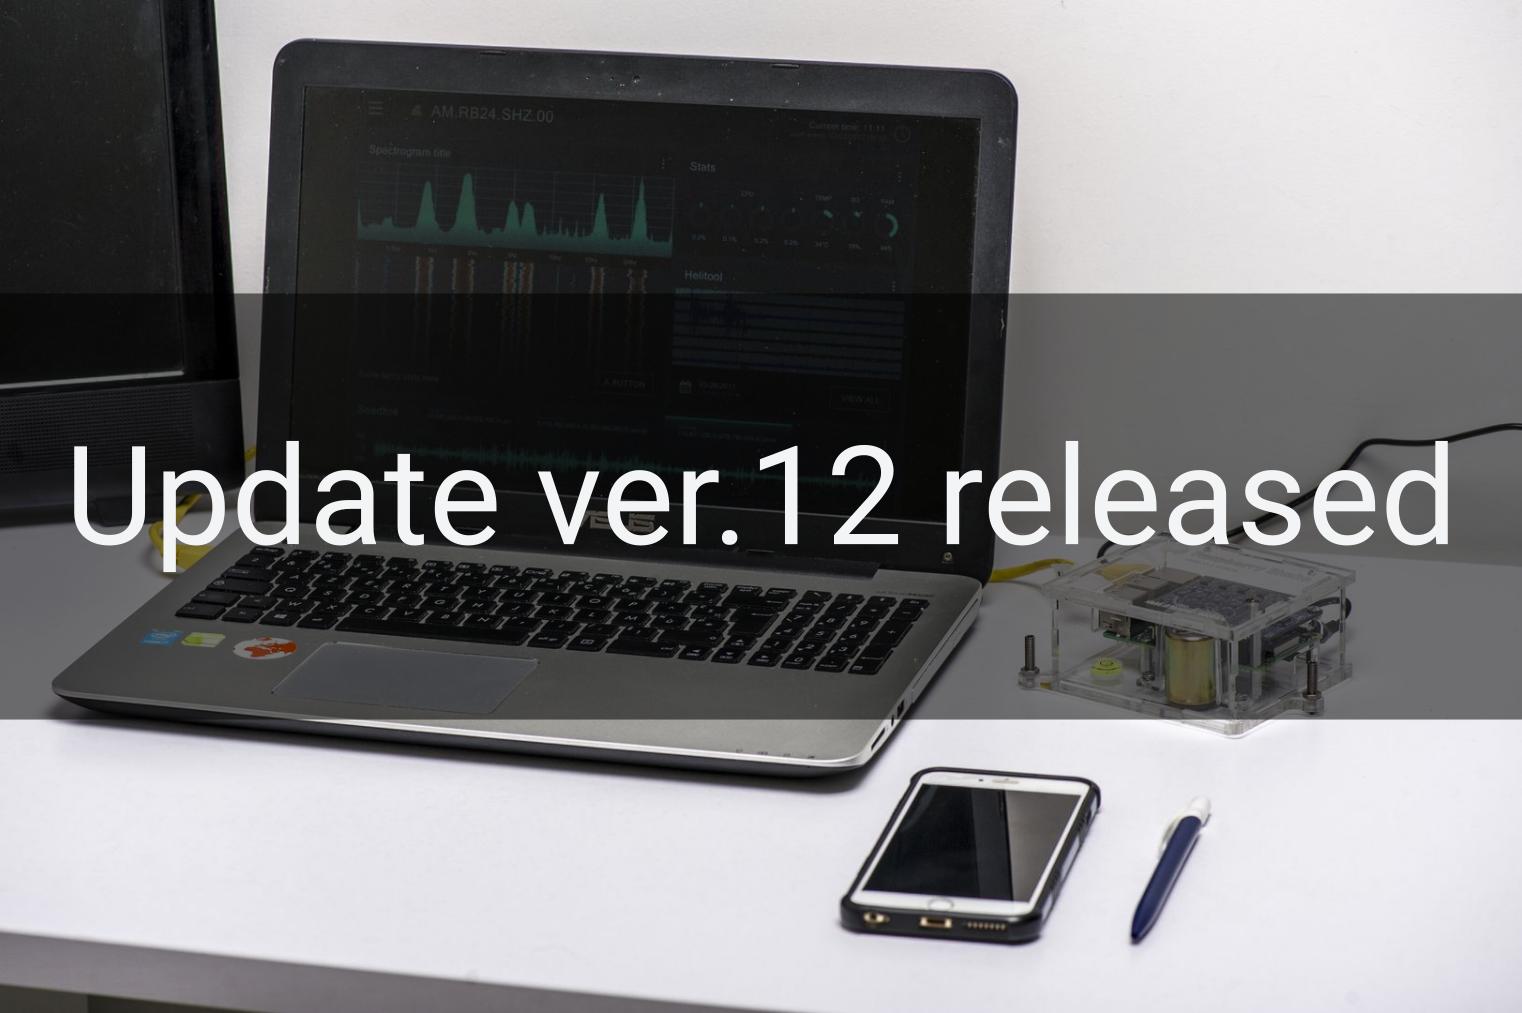 Update ver.12 released